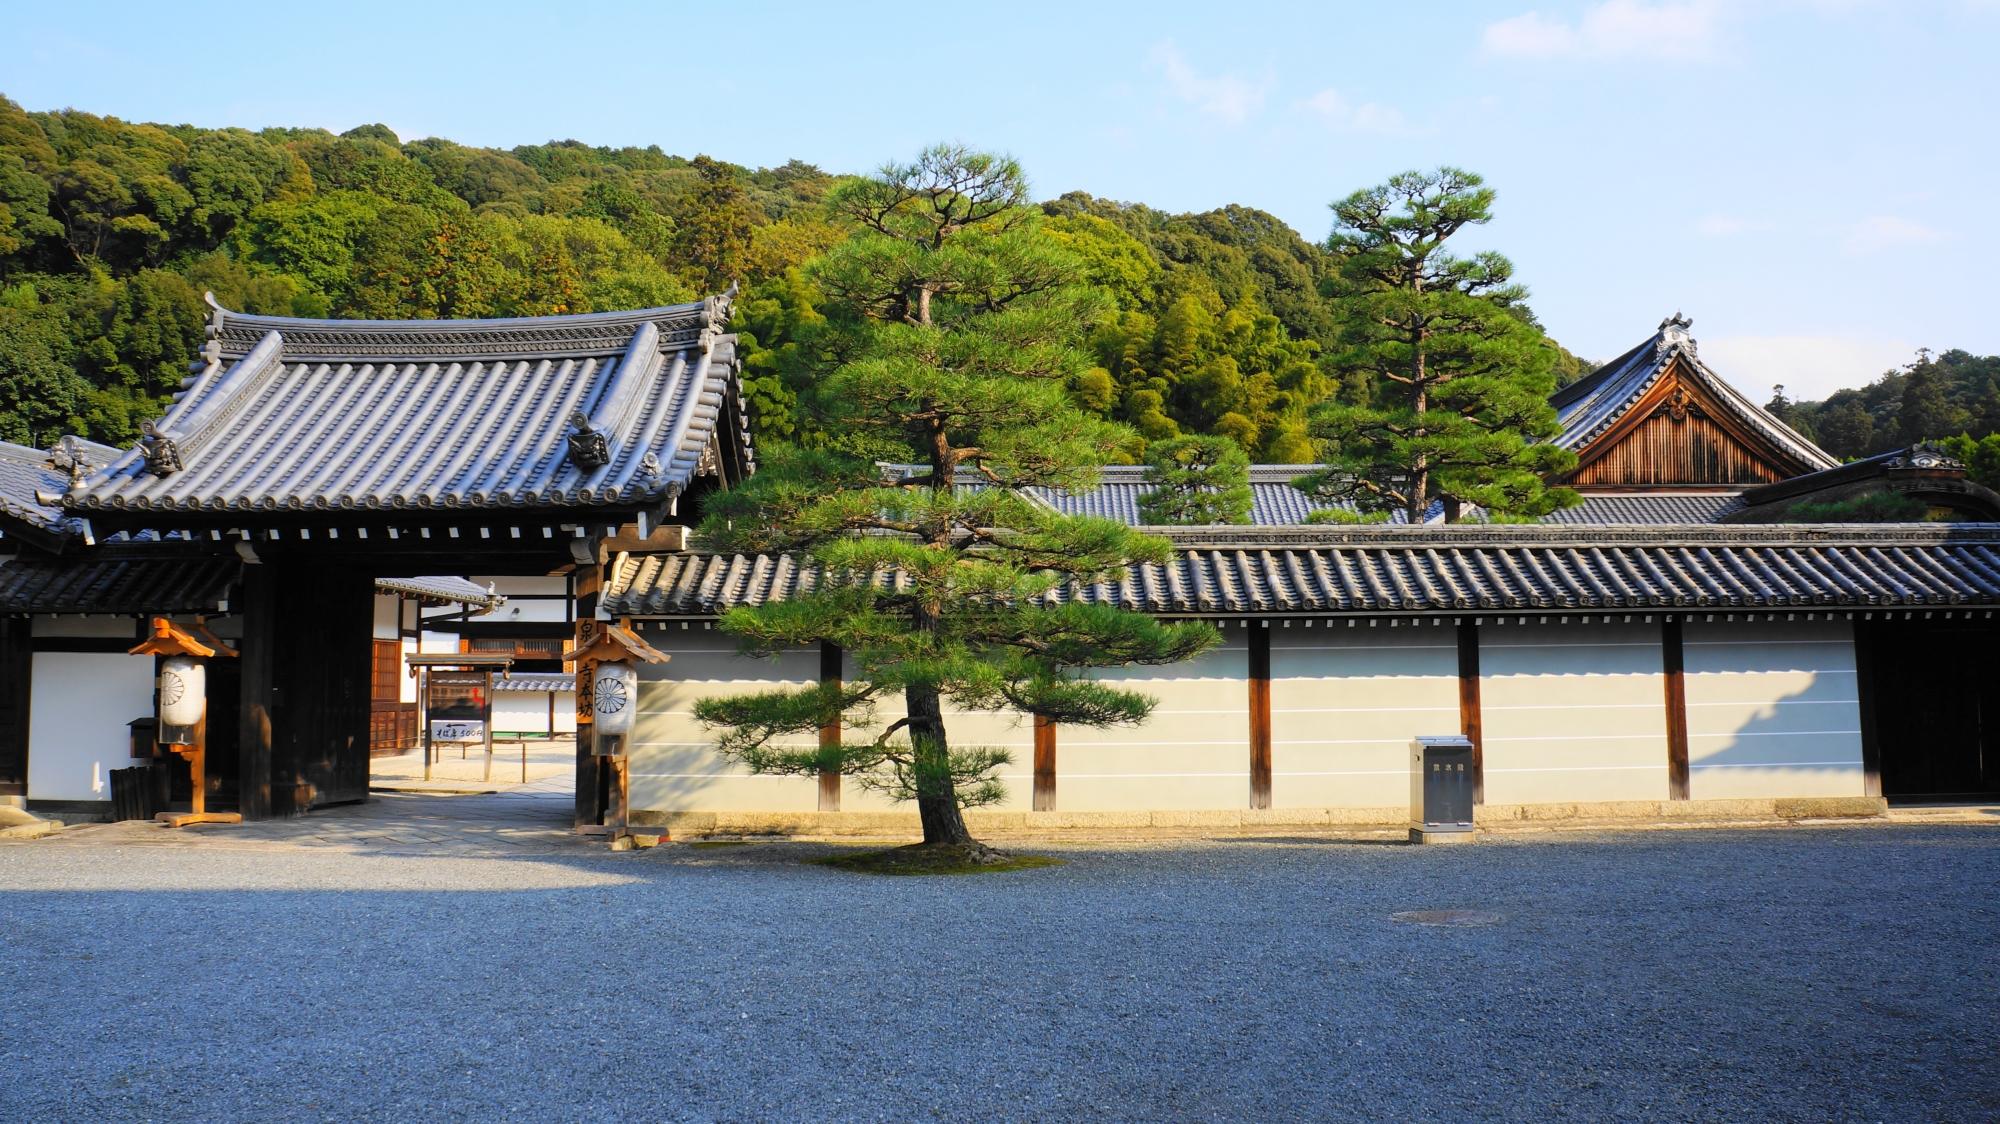 泉涌寺の本坊の門と土塀